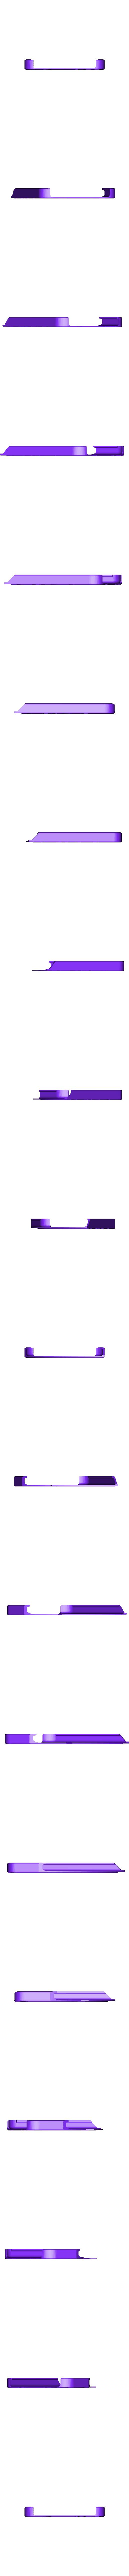 Iphone_6_Halo_case_Bottom.STL Télécharger fichier STL gratuit Étui pour Iphone 6 (Thème Halo) • Plan à imprimer en 3D, aevafortinhi